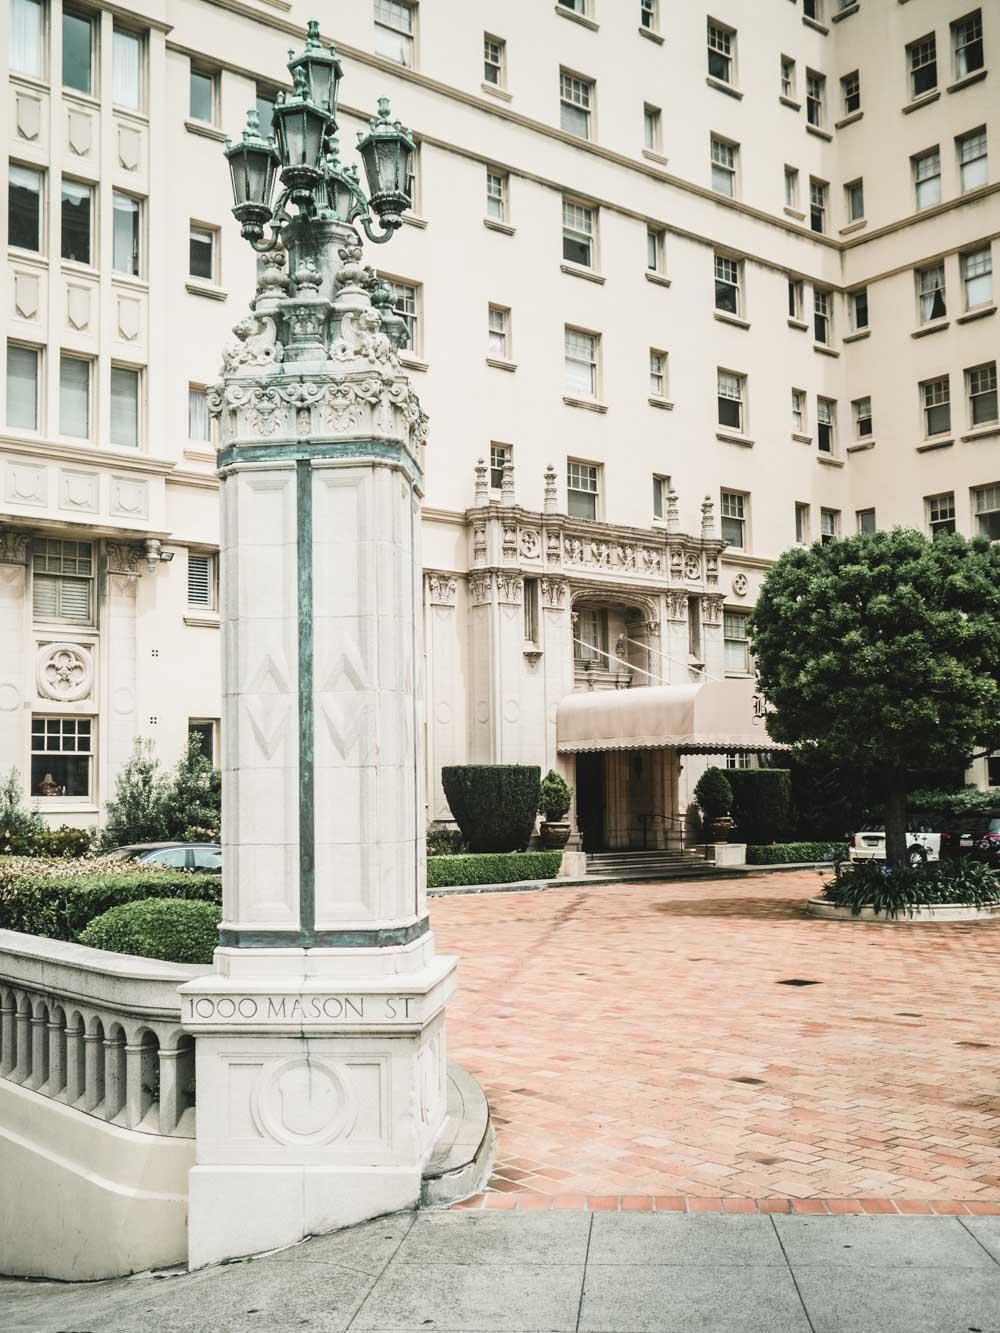 1000 Mason St. Hitchcock's Vertigo, San Francisco | Carla Gabriel Garcia